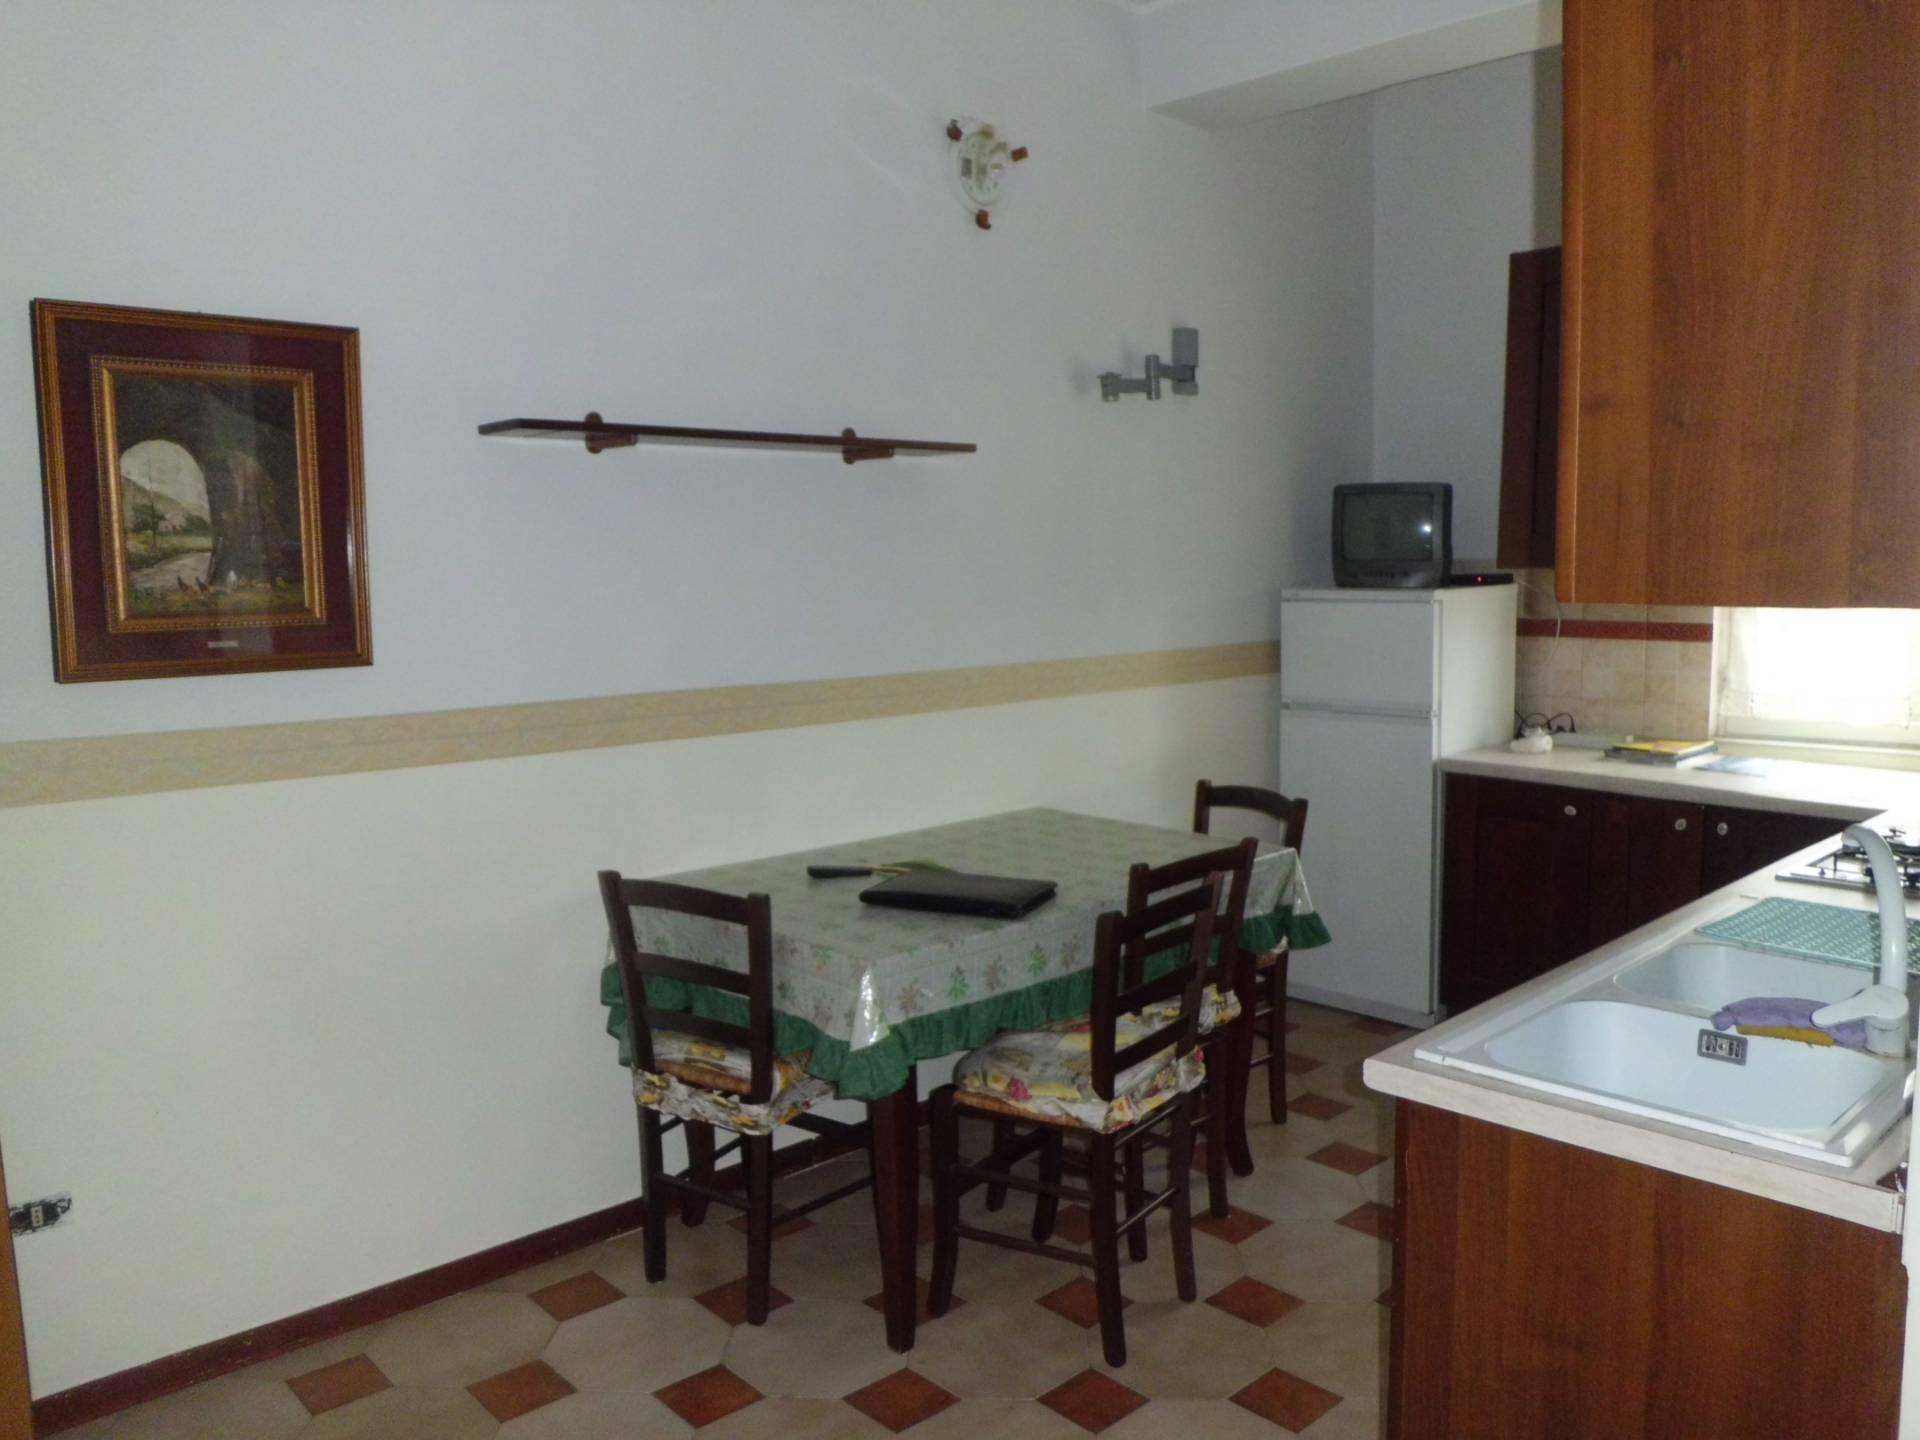 Appartamenti in affitto a napoli in zona piazza romano for Appartamenti arredati napoli